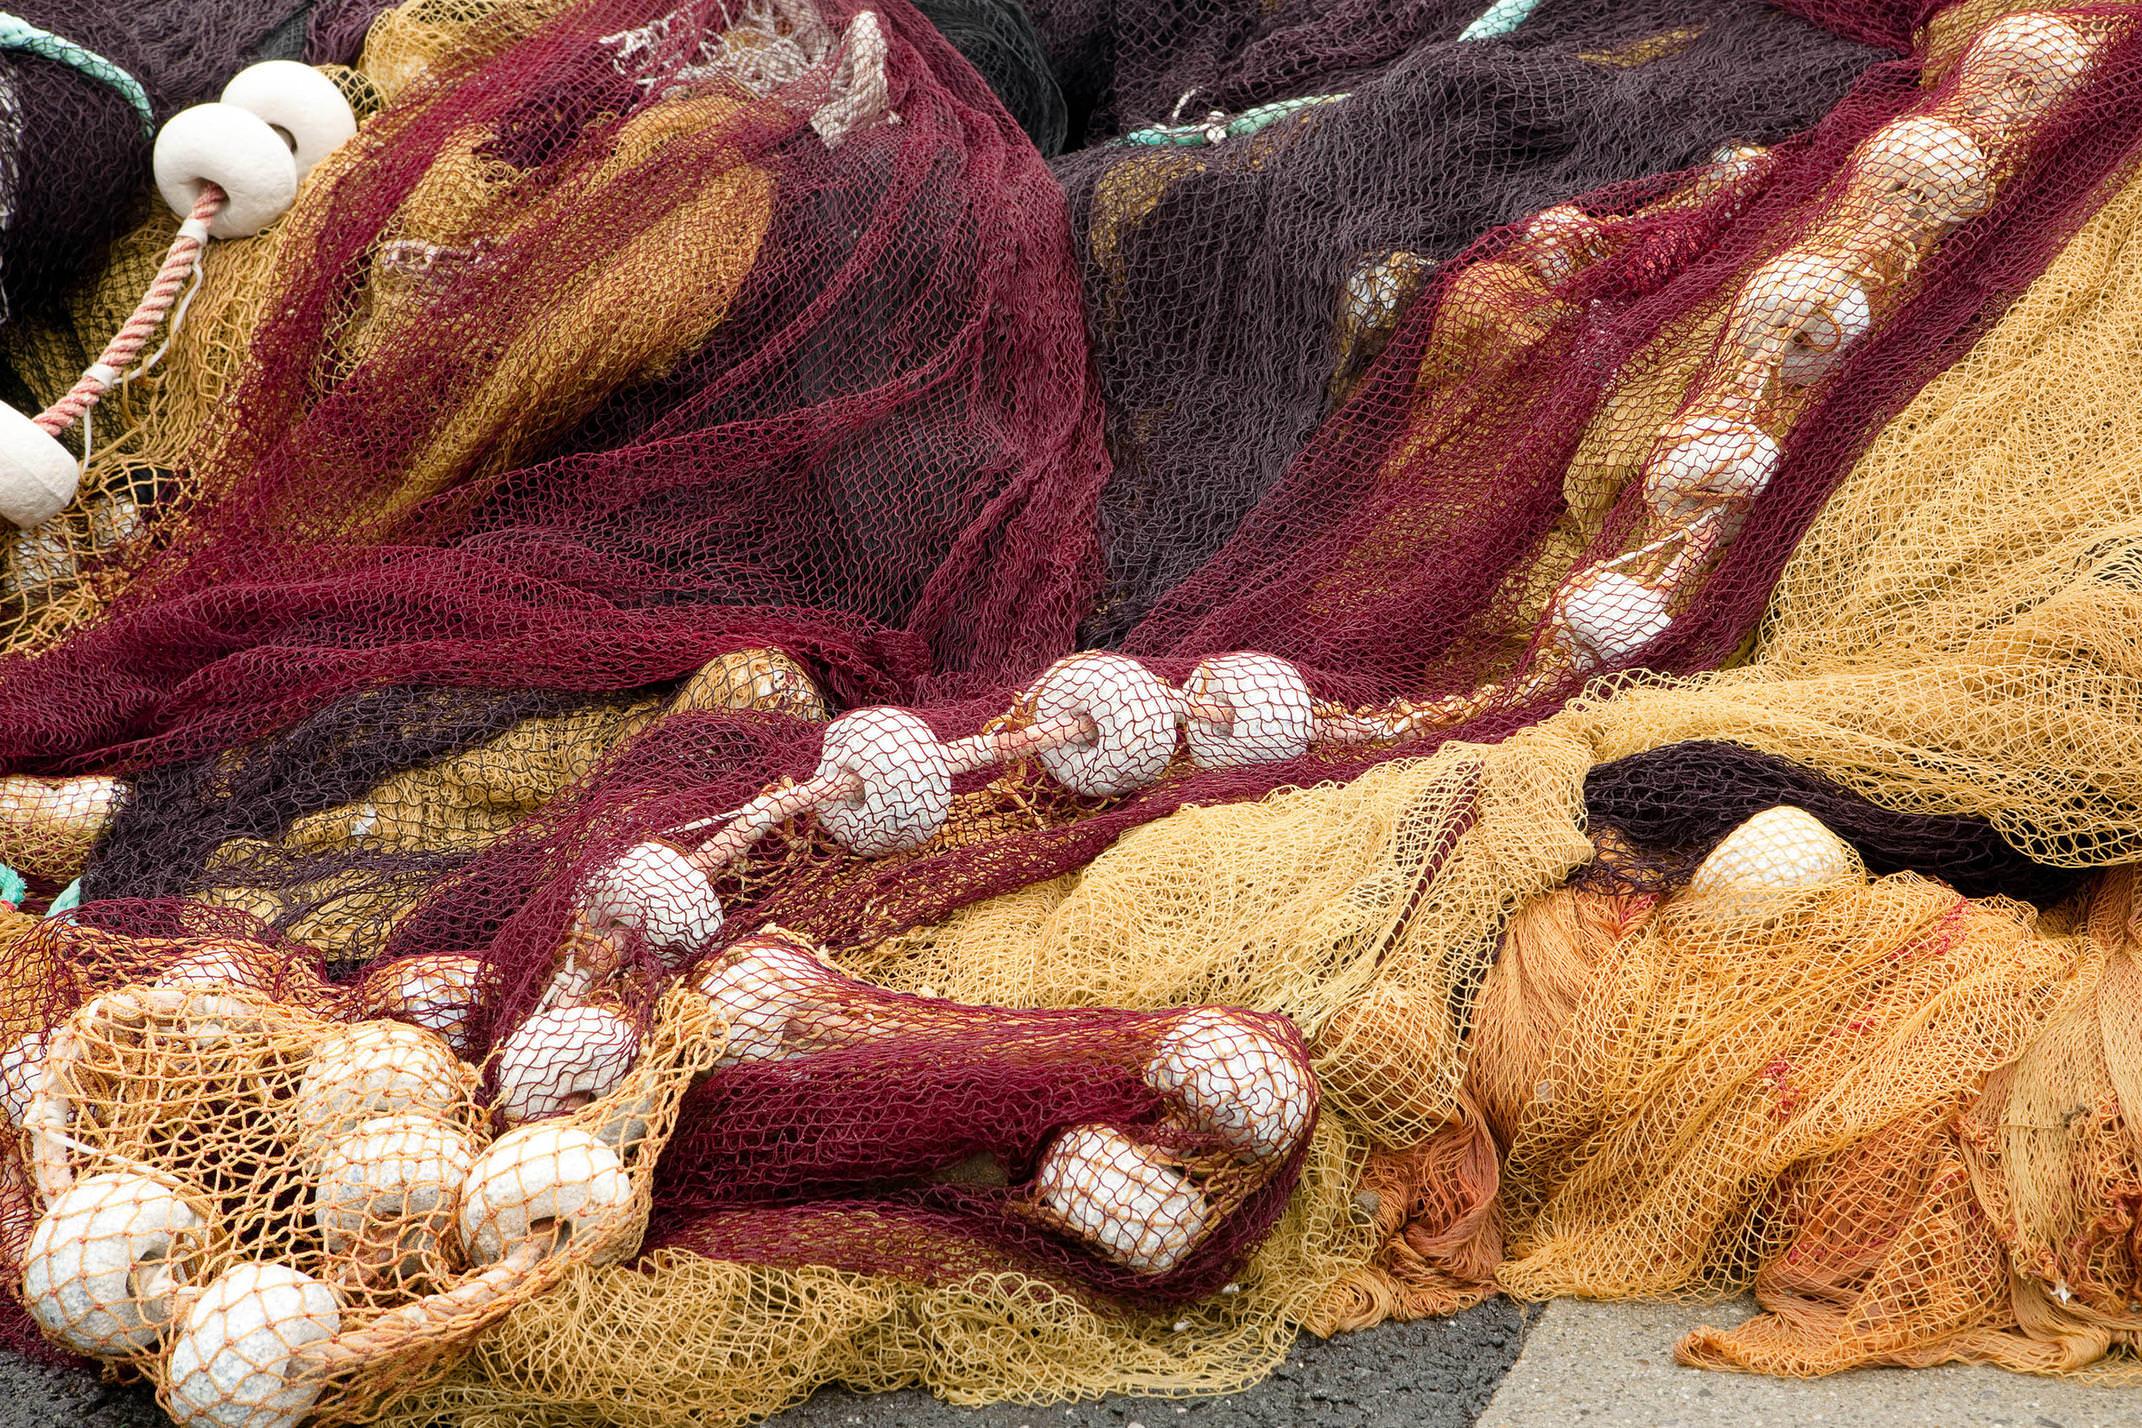 Spain basque country fishing nets c shutter